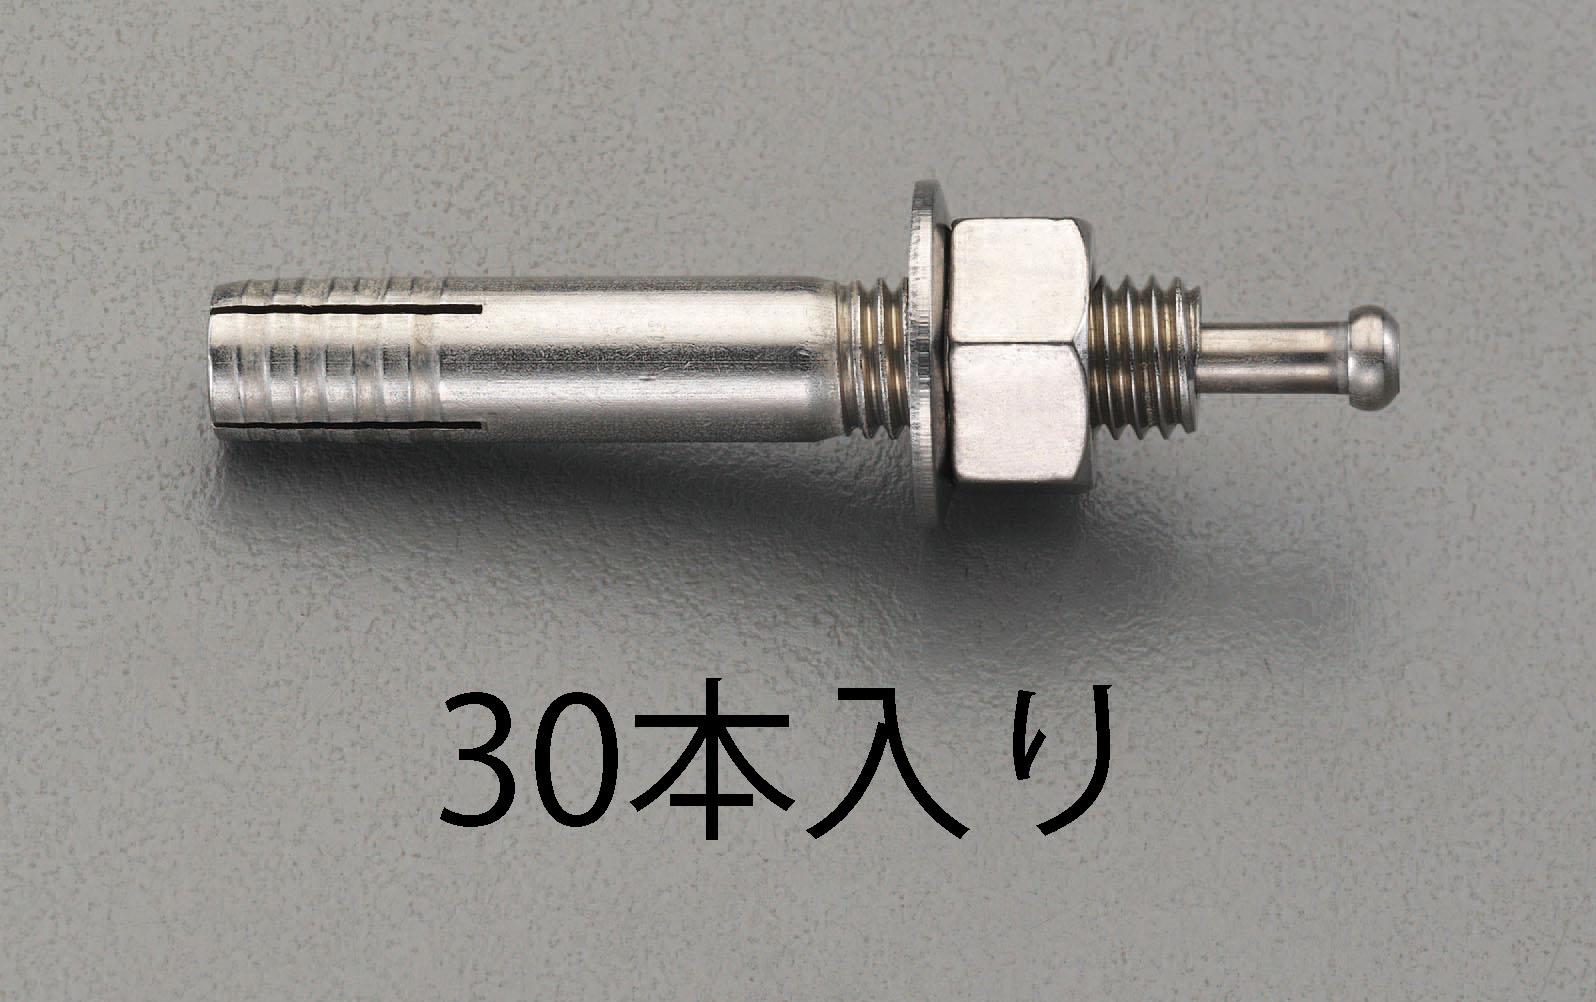 【メーカー在庫あり】 エスコ ESCO M12x100mm オスねじアンカー ステンレス製/30本 000012259644 HD店